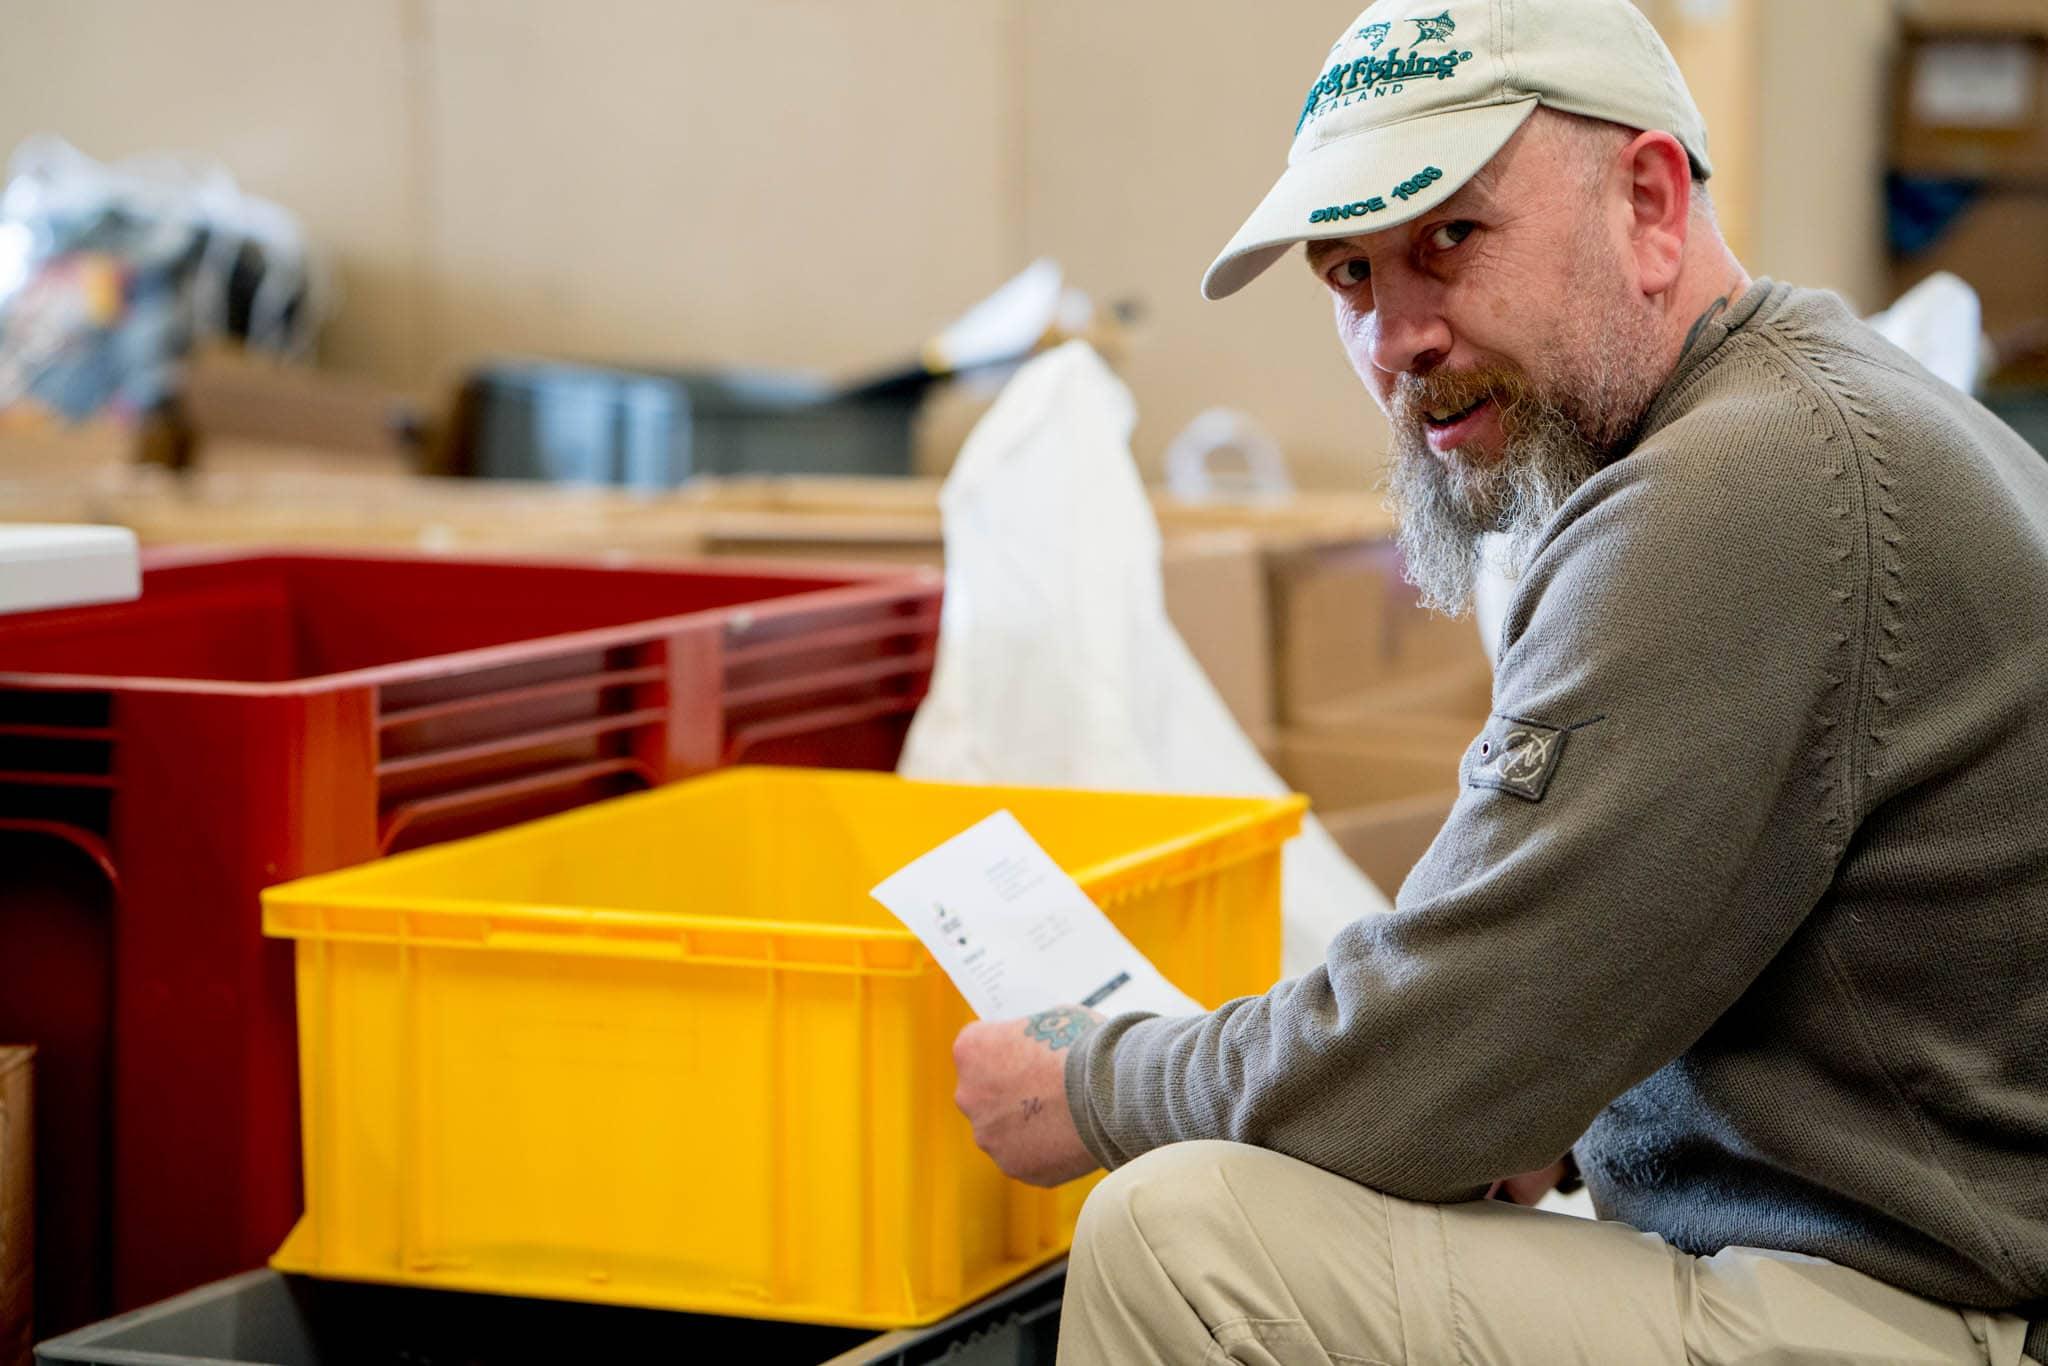 coronavirus volunteering opportunities man packing orders